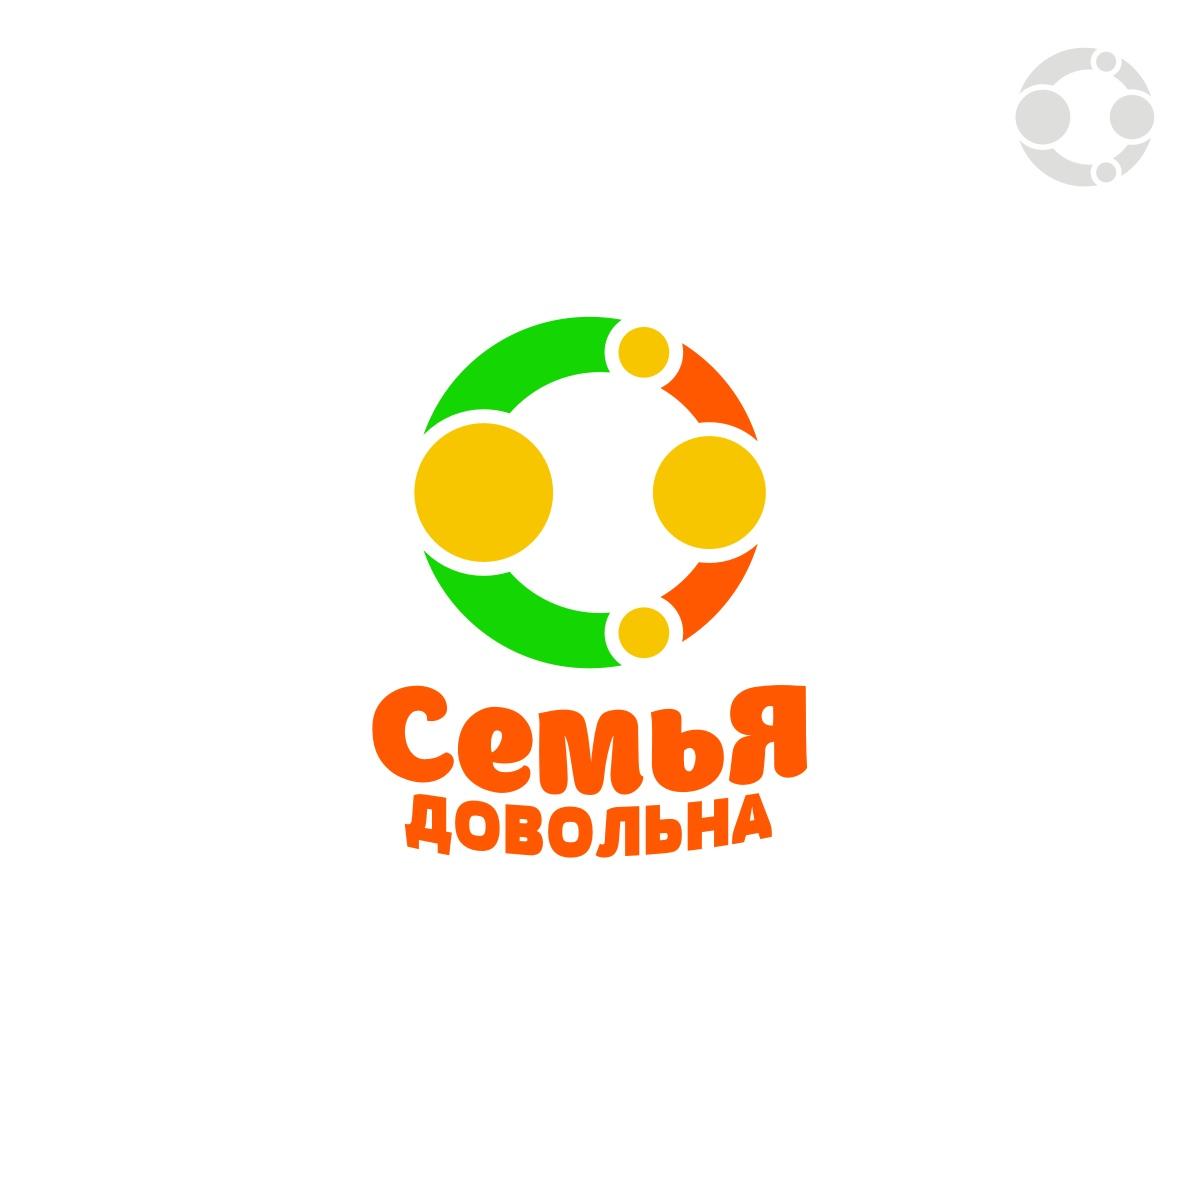 """Разработайте логотип для торговой марки """"Семья довольна"""" фото f_1215ba4f772d4e56.jpg"""